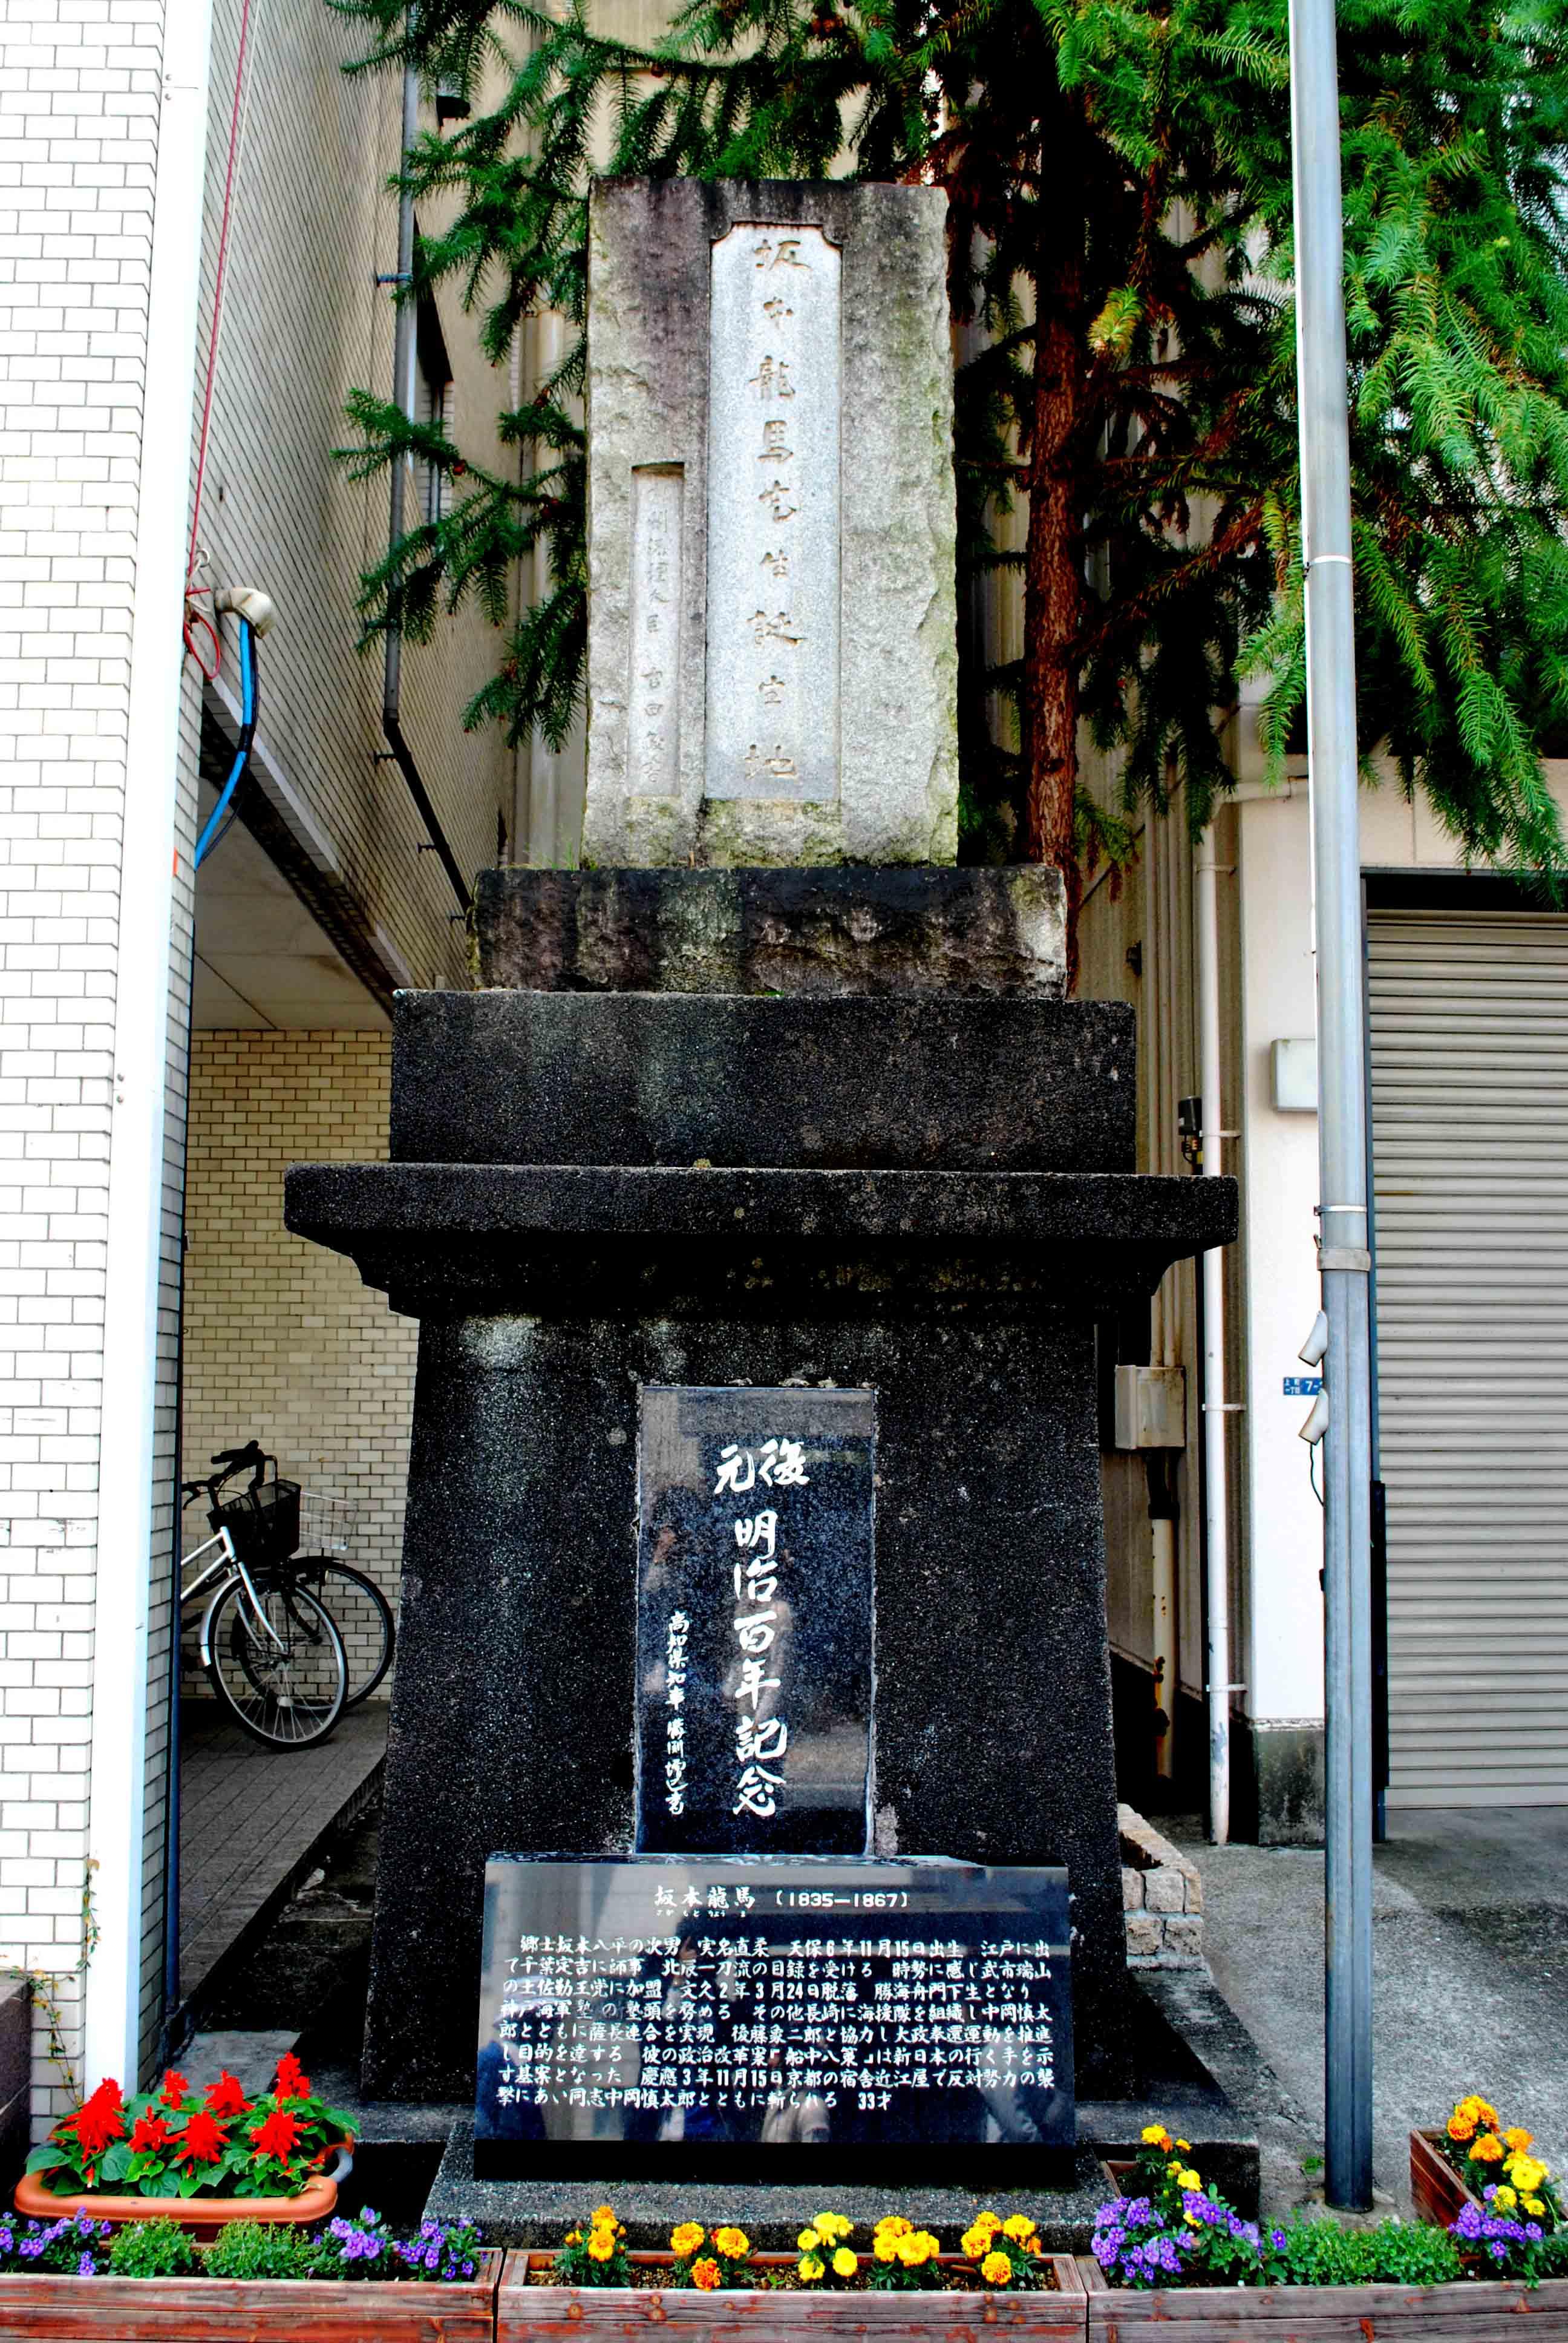 坂本龍馬誕生の地 記念碑